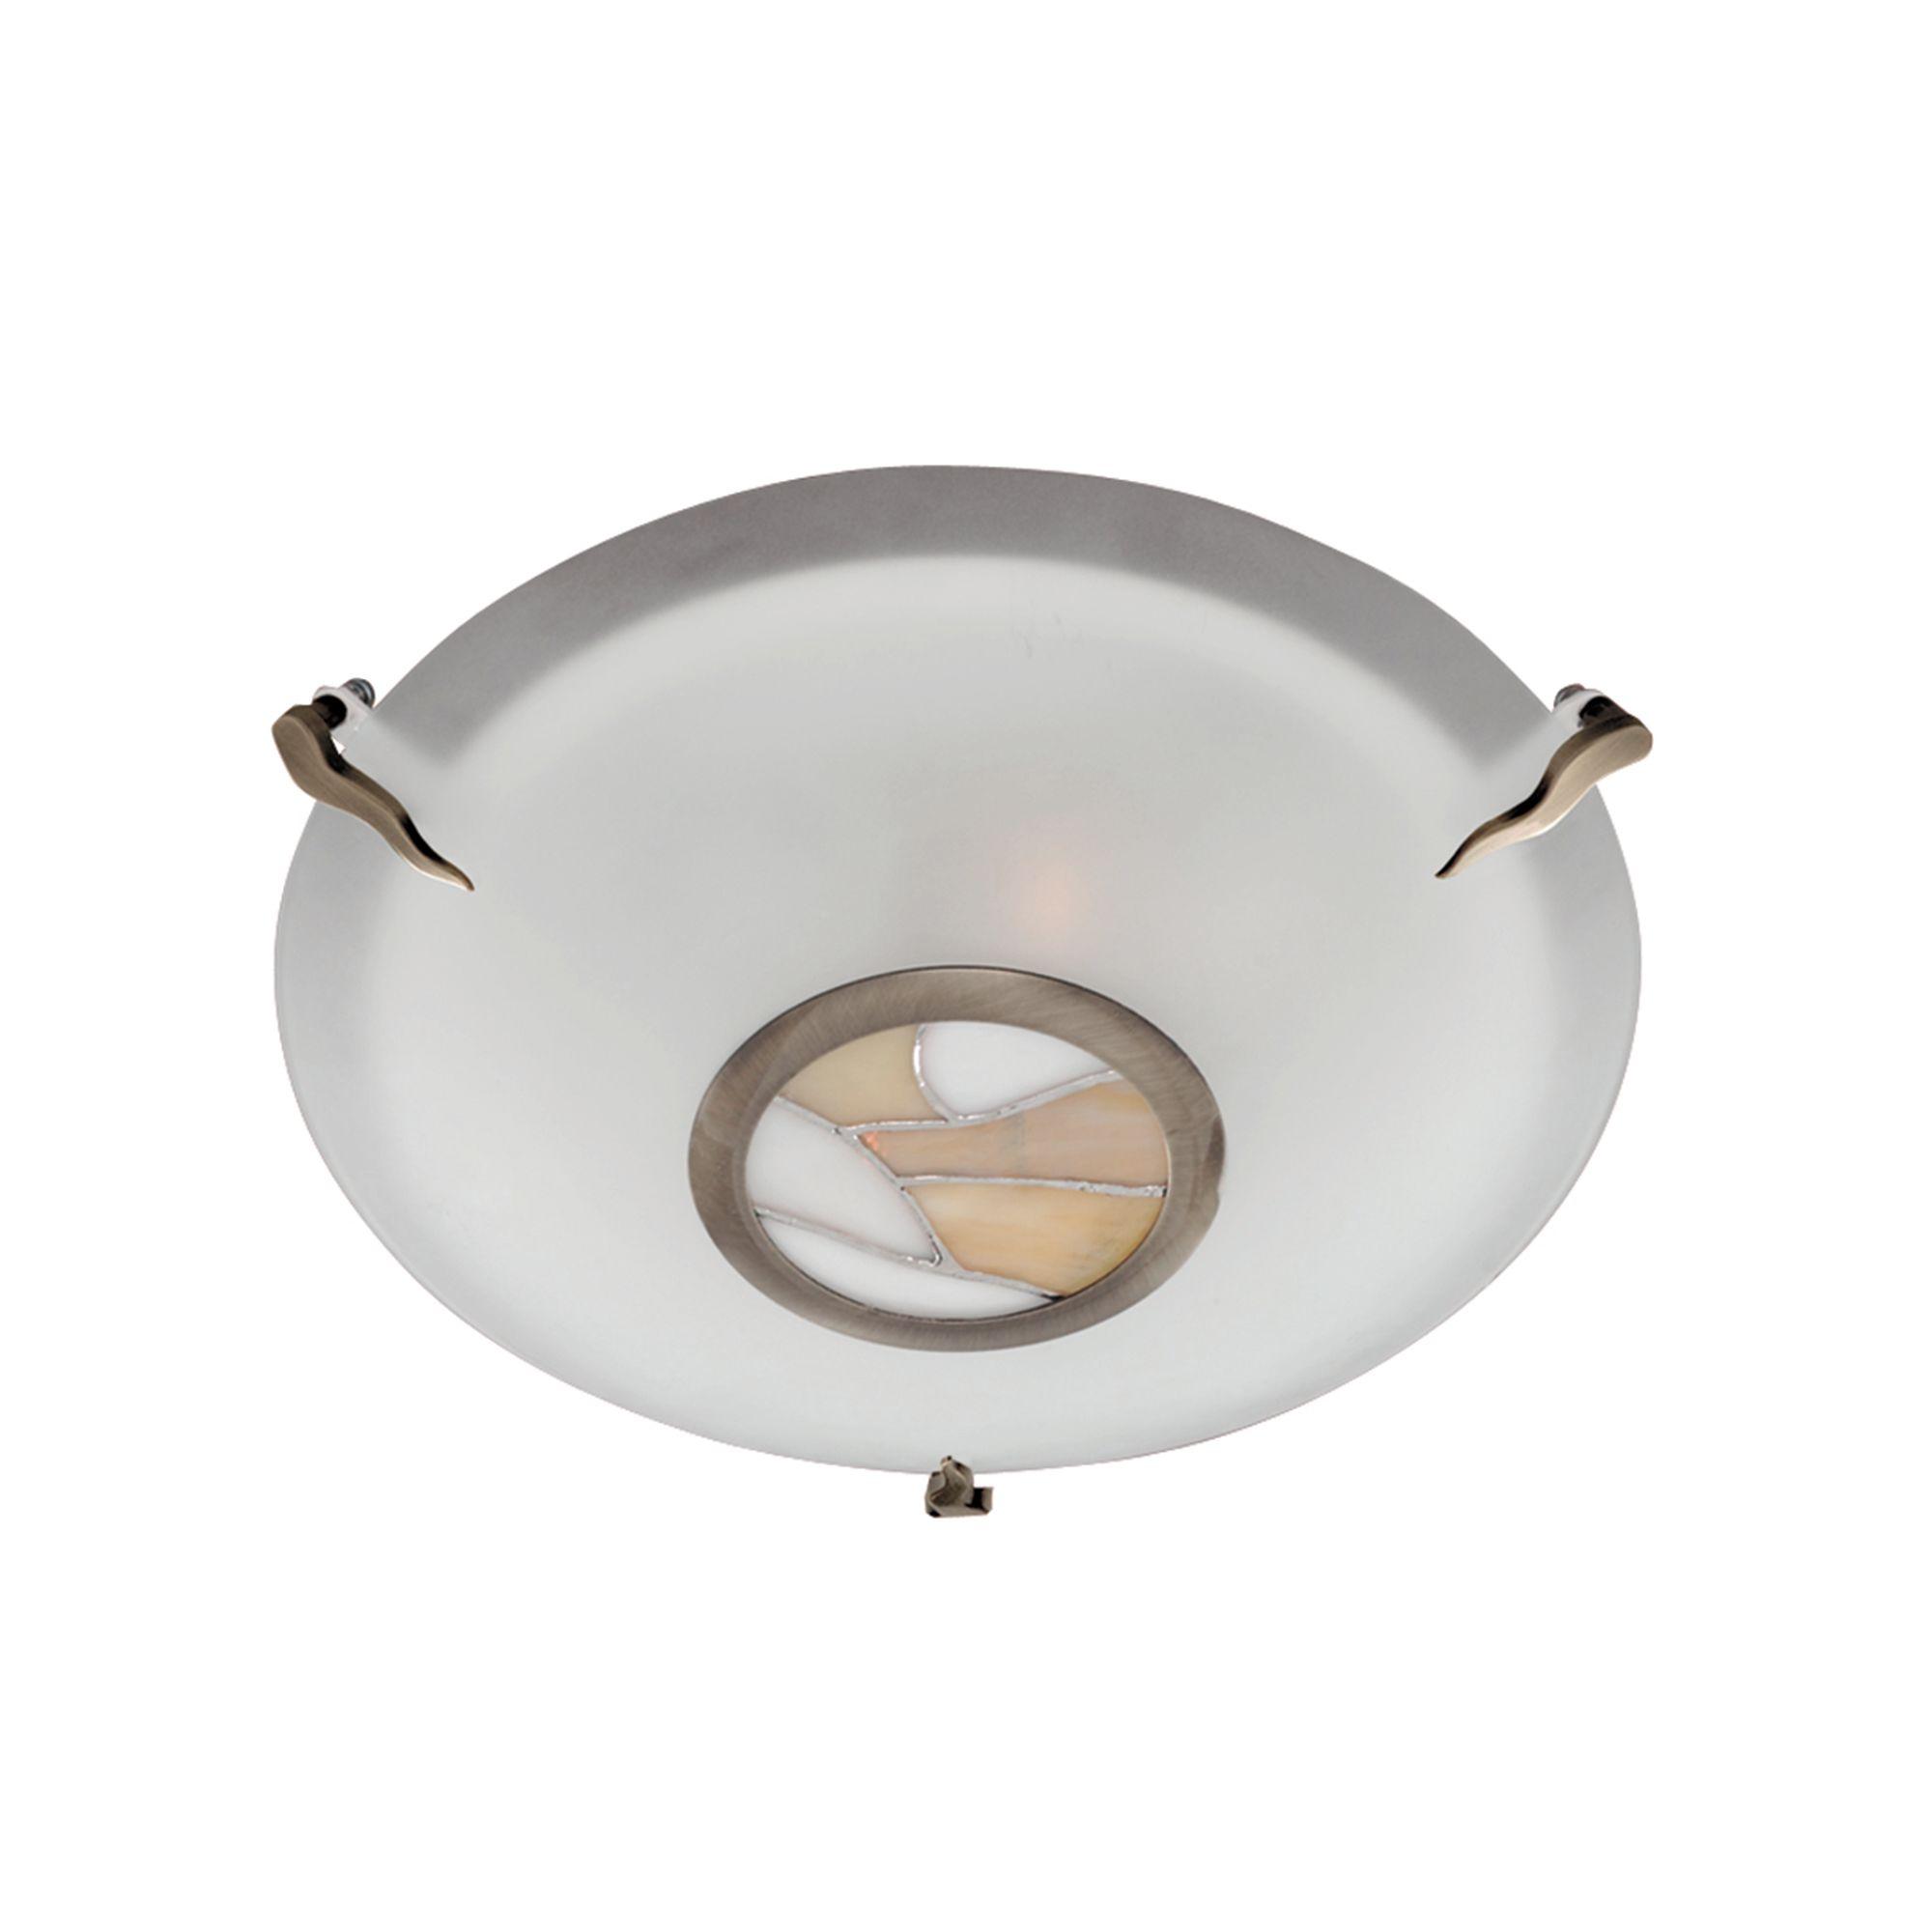 Searchlight tiffany mennyezeti lámpa